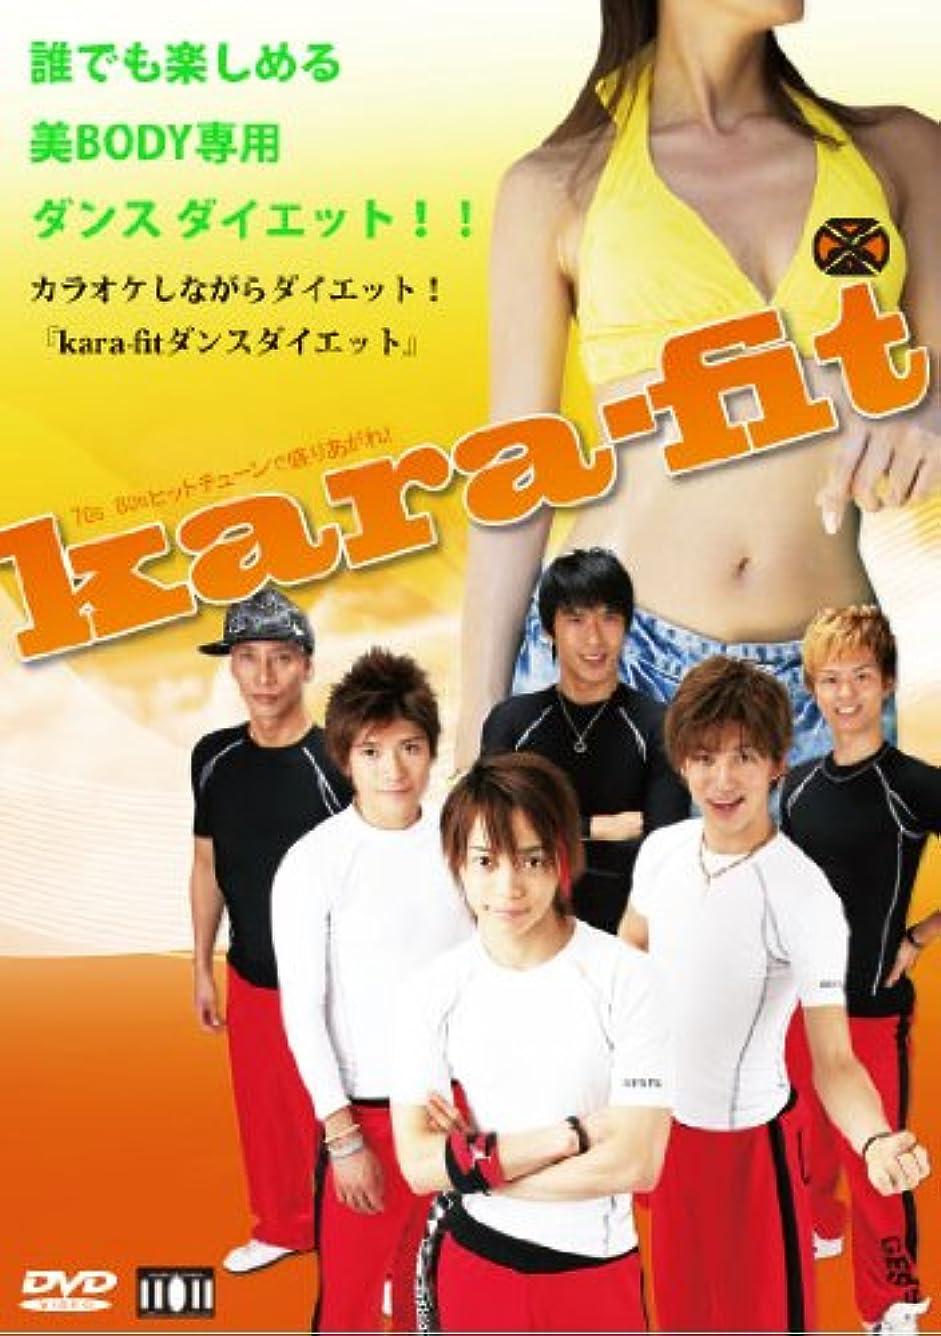 気体の鋭くコマンドカラオケによるフィットネス!kara-fit(カラフィット)ダンスダイエット3枚組コンプリートセットDVD